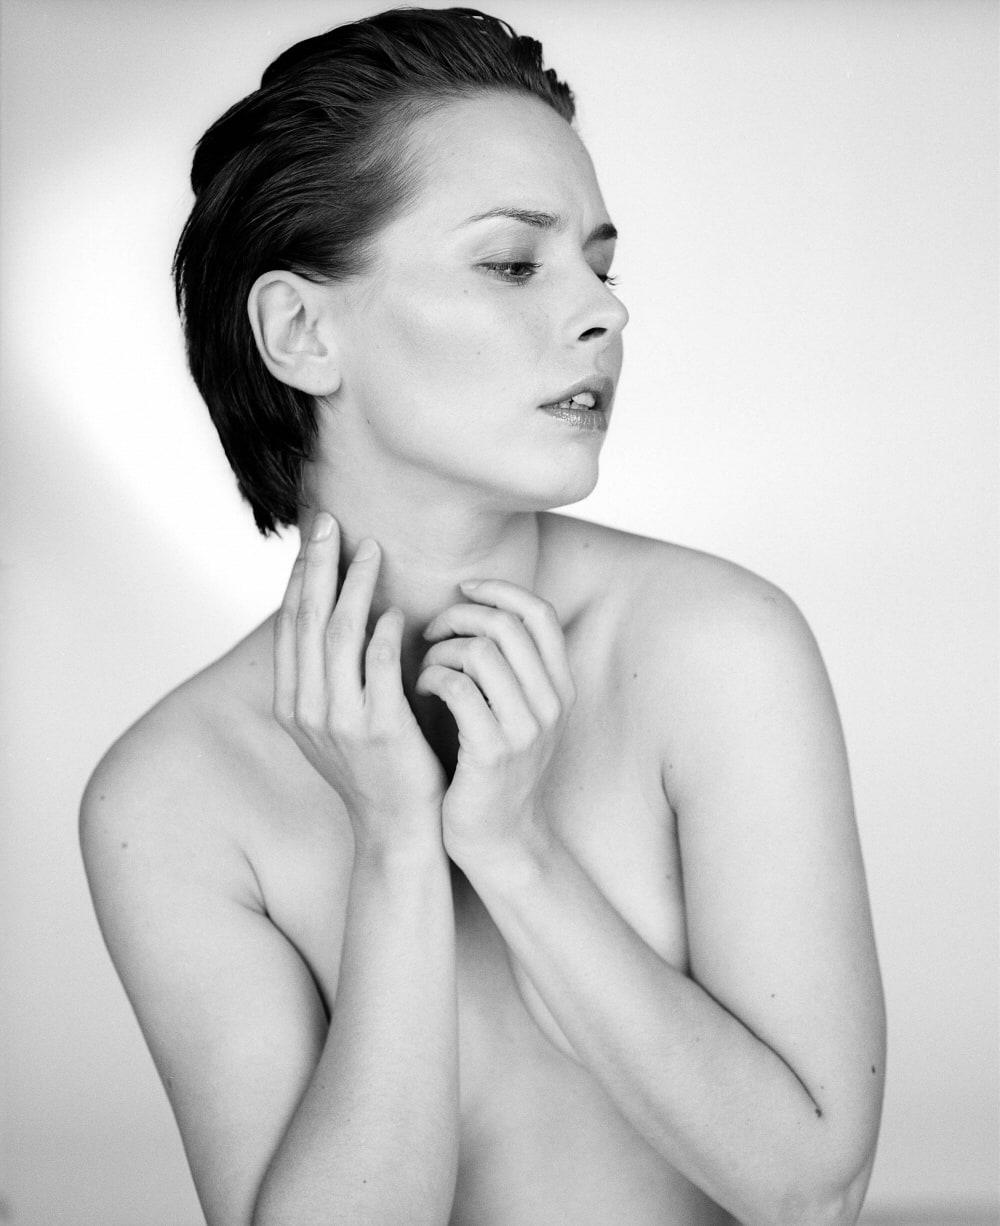 tara fitzgerald nude